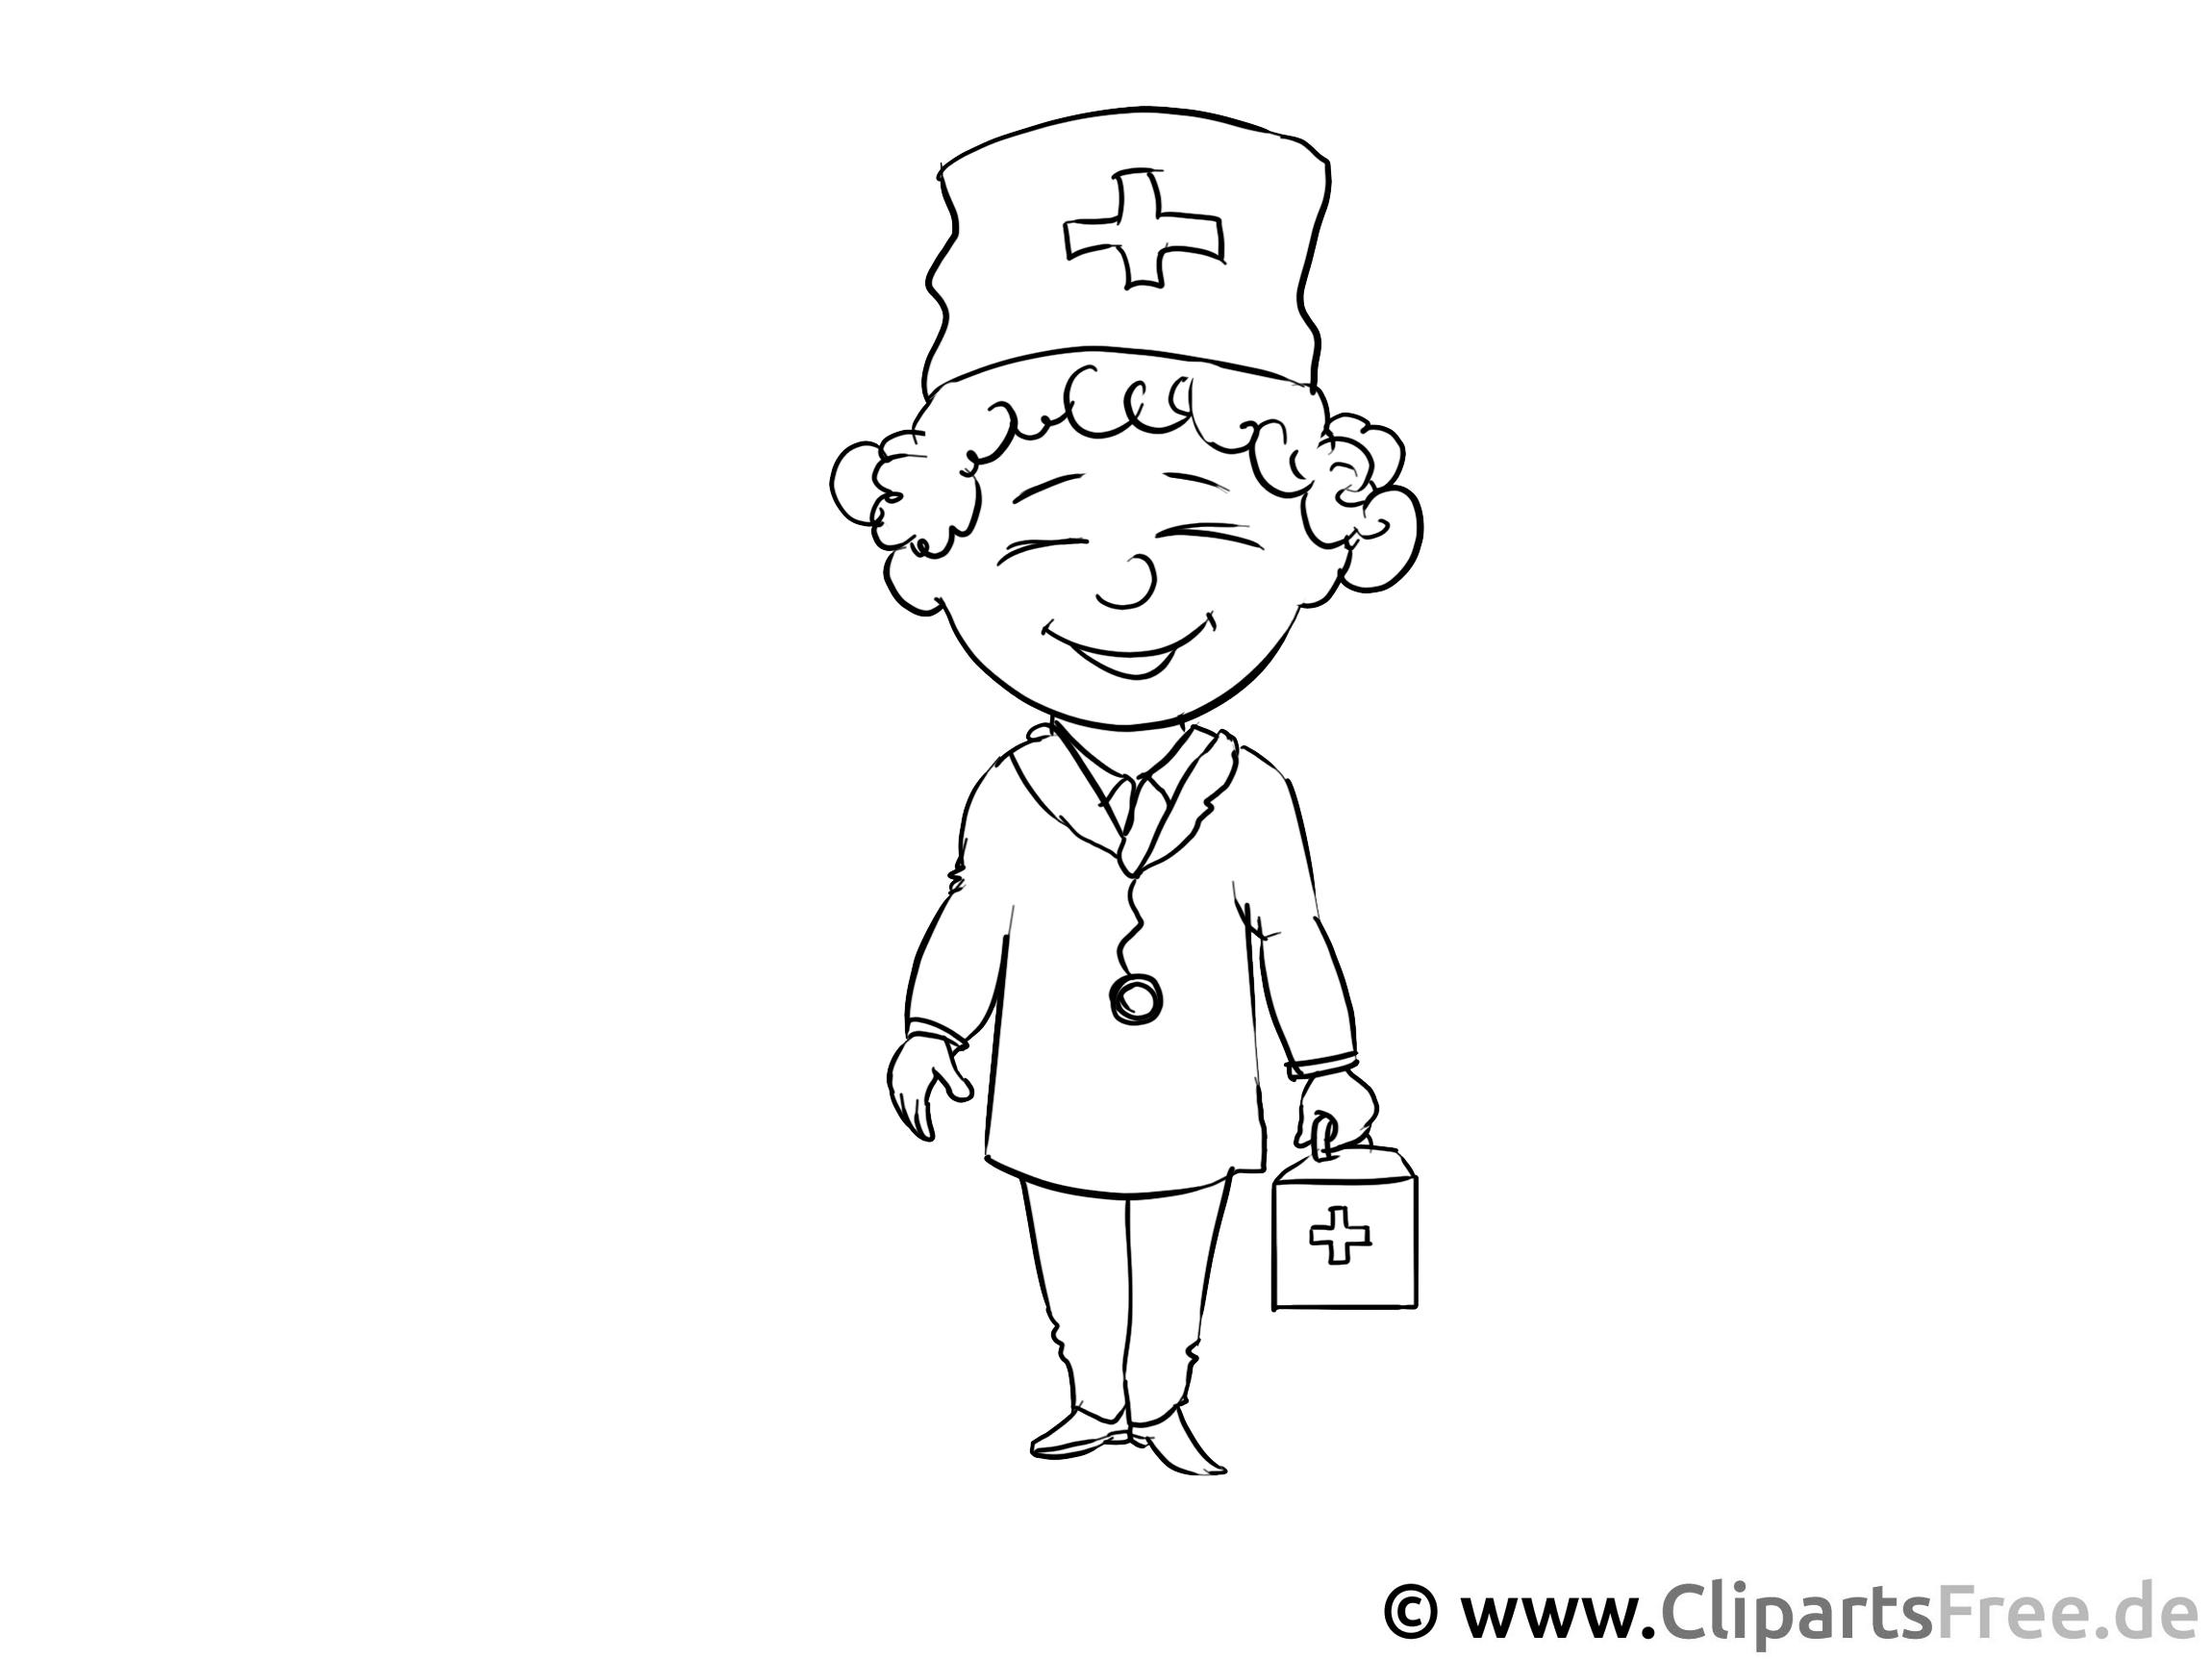 Kinderarzt - Malvorlagen für Kinder kostenlos